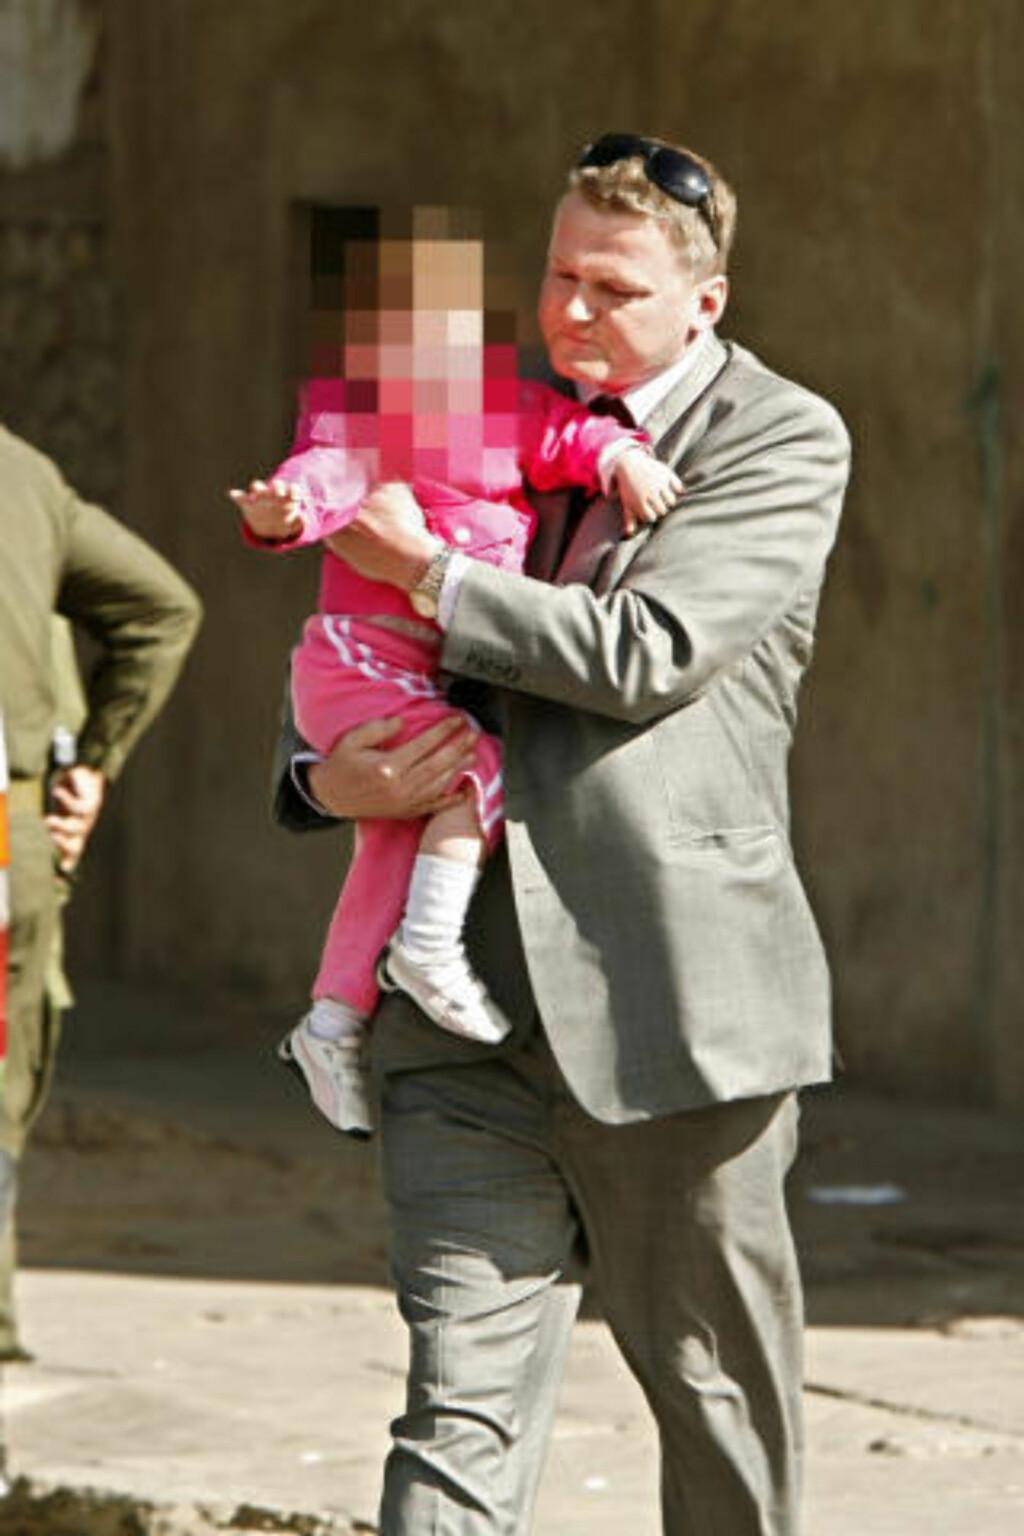 HENTET HJEM: Madeleine Rodriguez' lille datter ble hentet ut fra fengselet i Cochabamba for et år siden, og fraktet til Norge. Her med den norske ambassadens førstesekretær Kjell Olav Haugen. Foto: Ørjan Ellingvåg/Dagbladet